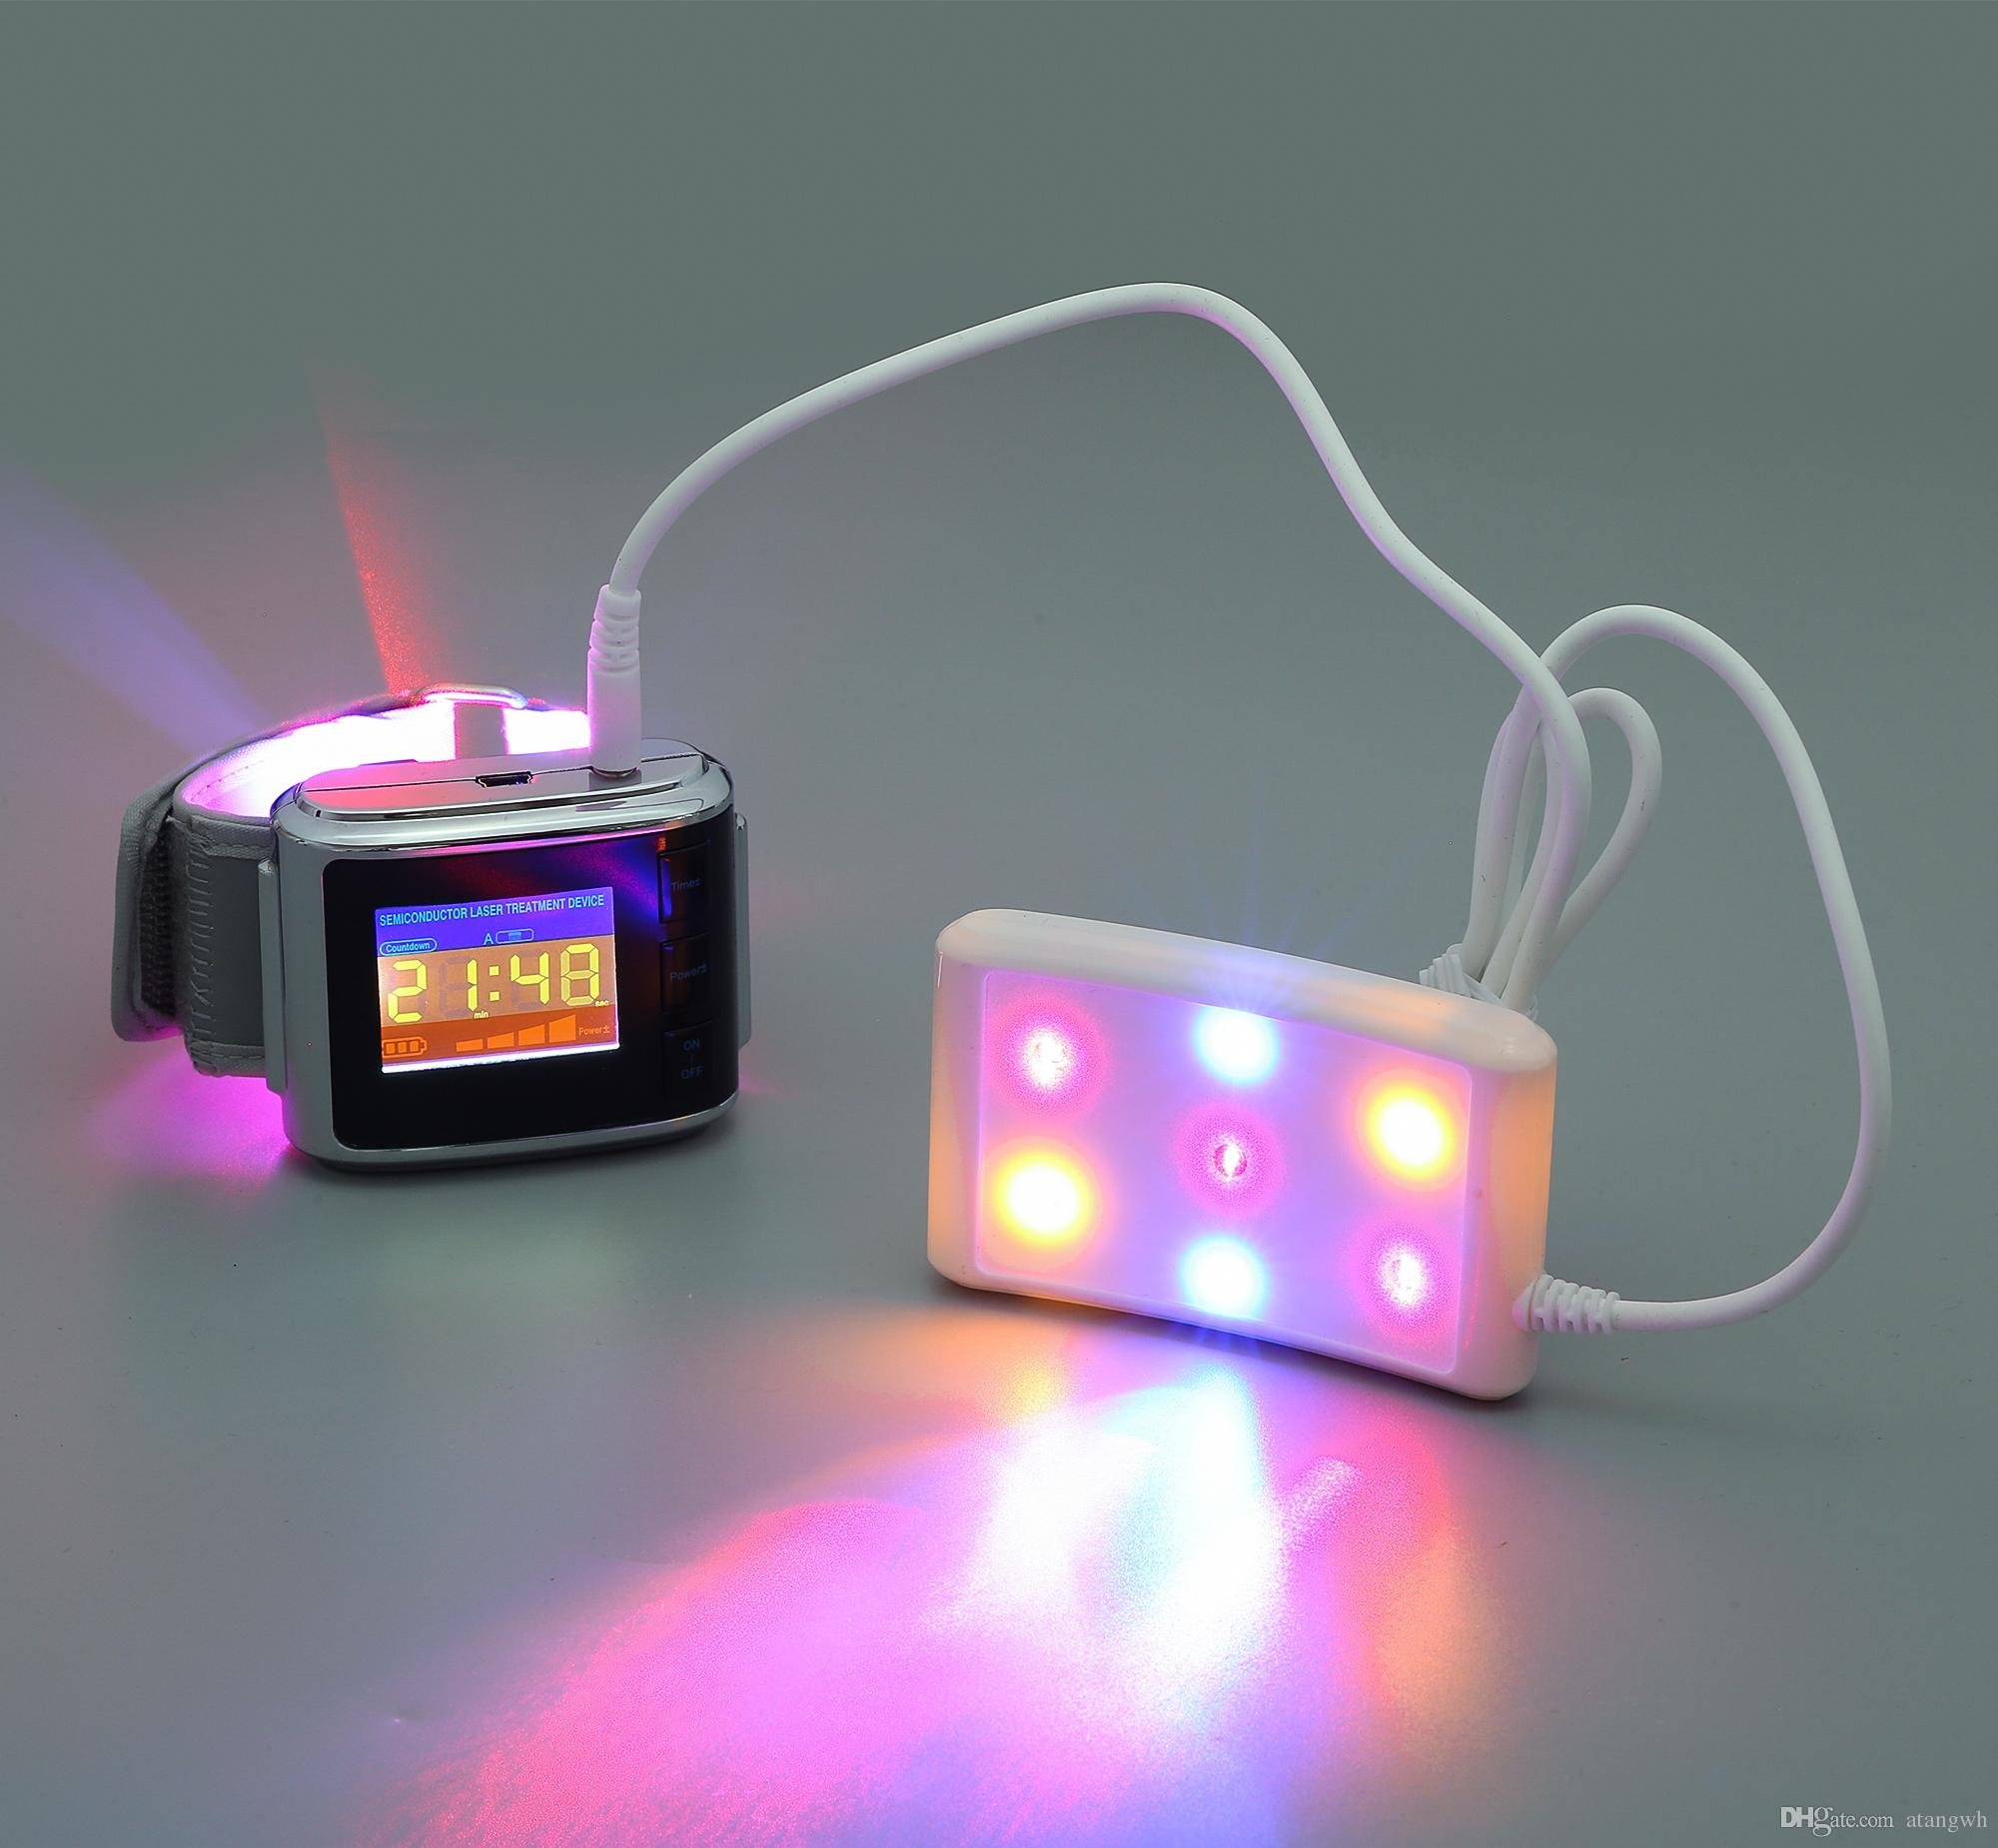 새로운 레이저 시계 빨강 파랑 노랑 3 색 치료 시계 lllt 낮은 수준의 레이저 요법 장치 고혈압 제어 시계